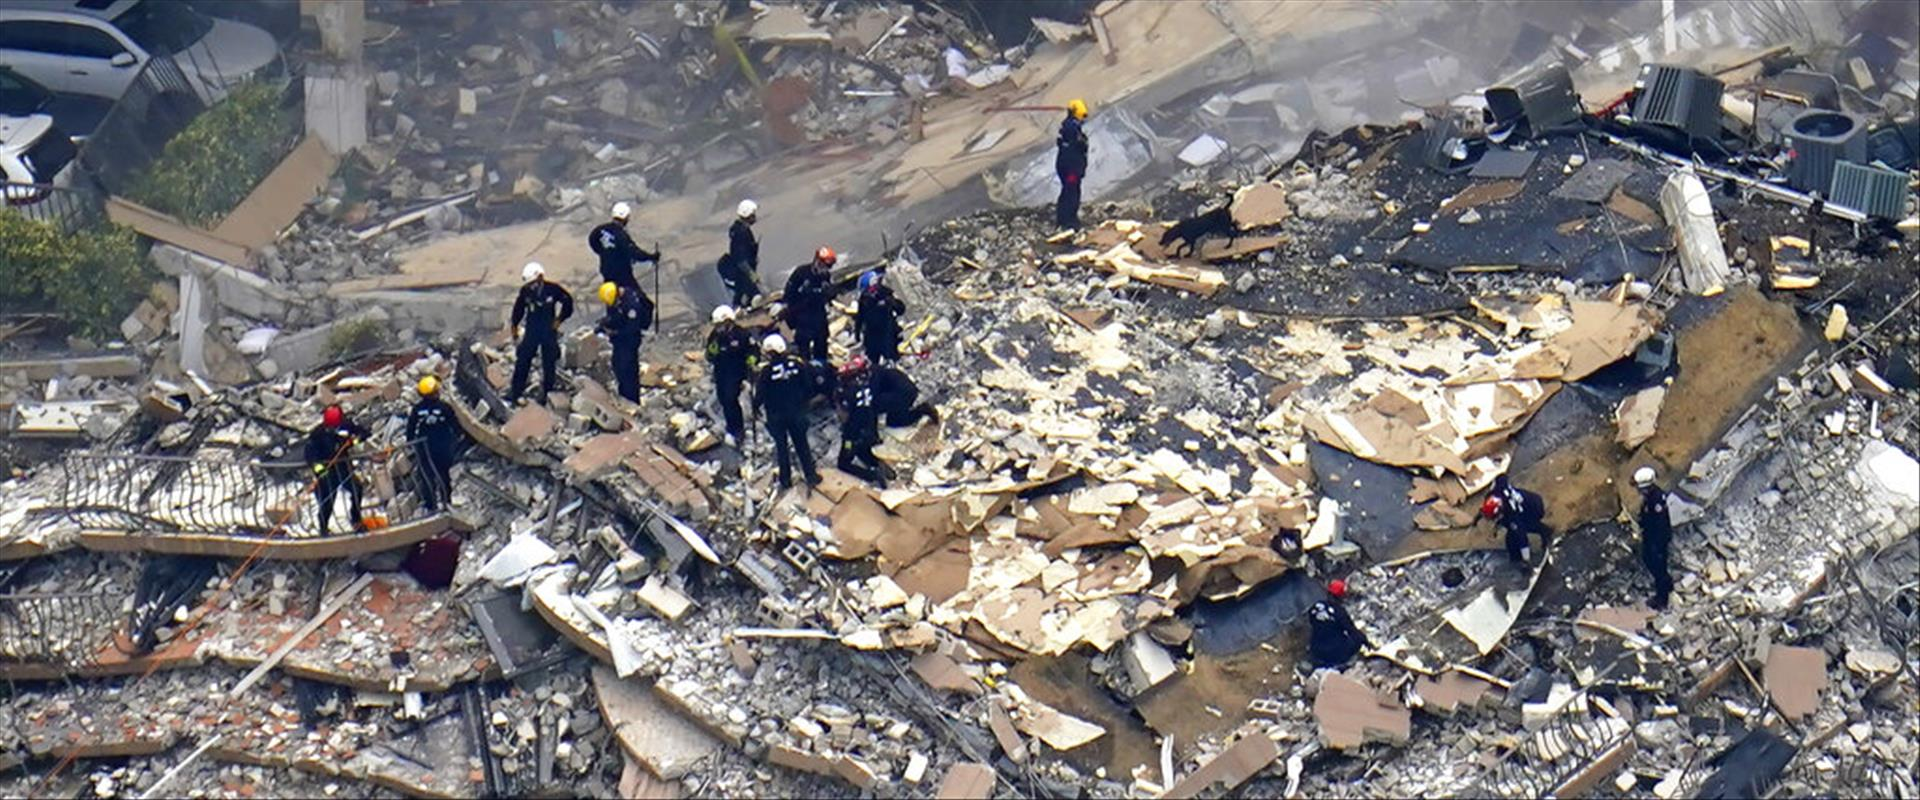 כוחות חילוץ לאחר קריסת הבניין במיאמי